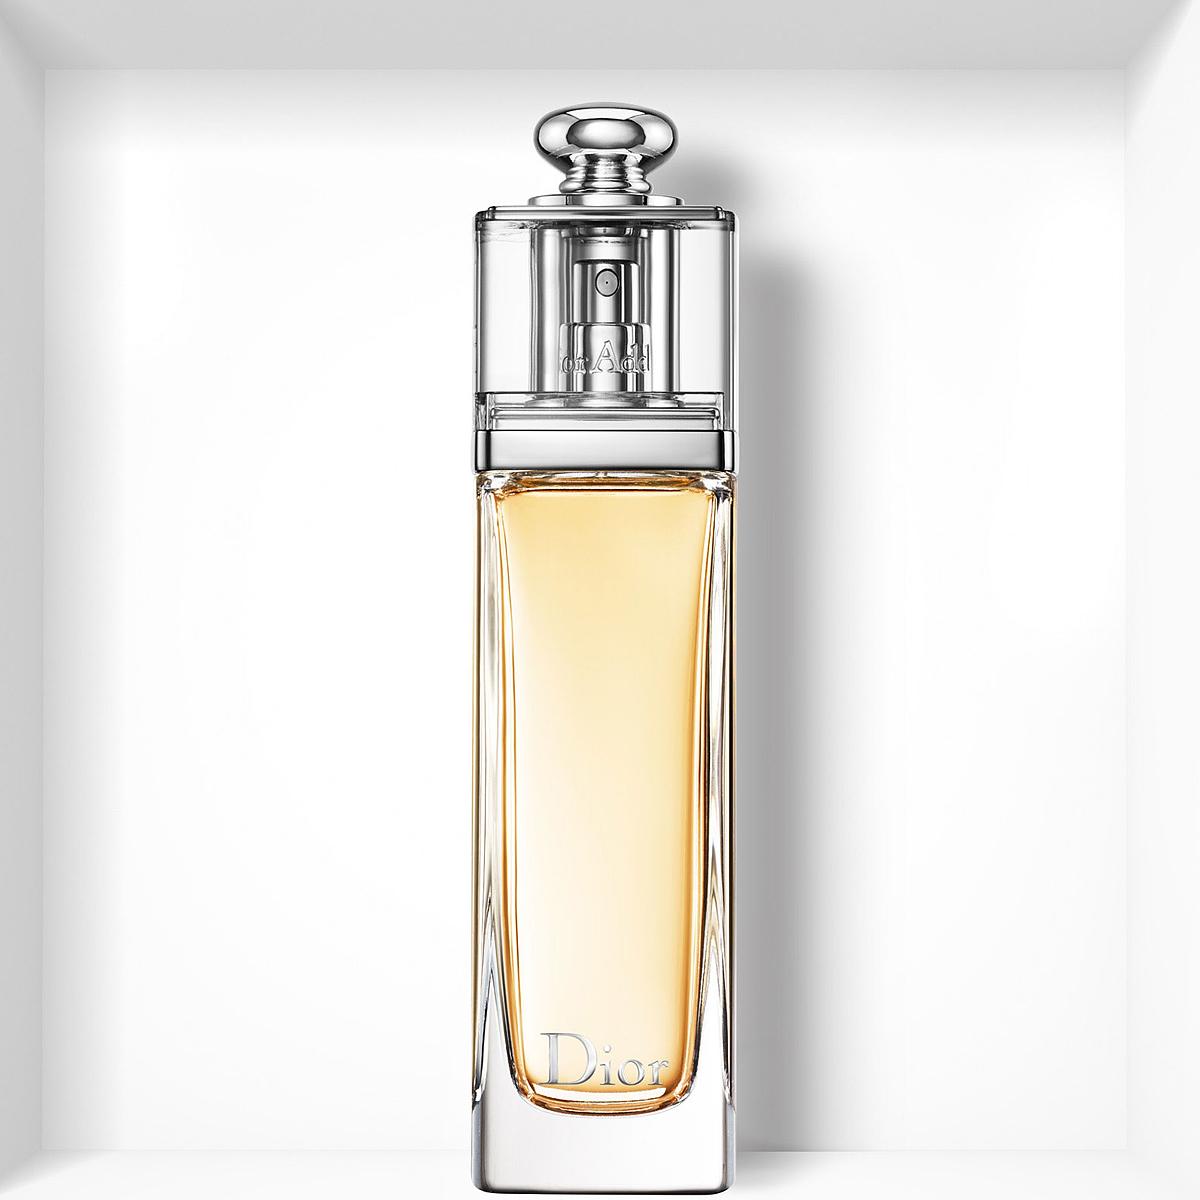 Christian Dior Dior Addict Туалетная вода женская, 50млF062872009Мгновенно притягивающий, Dior Addict воплощает собой невероятно красивый и соблазнительный аромат, который находится в полной гармонии с сегодняшним днем. Сицилийский Мандарин в его верхних нотах придает игривый, чарующий оттенок фруктовых цитрусовых аккордов, пикантных и насыщенных. На смену ему приходит букет белых цветов Жасмина Самбак и Тунисского Нероли в сочетании с чувственной и изысканной древесной базовой нотой Эссенции Сандалового дерева с легким оттенком Ванили. Утонченный древесно-цветочный аромат: абсолютно женственный, он искрится свежестью и чувственной элегантностью. Начальные ноты: мандарин. Ноты сердца: жасмин, нероли. Базовые ноты: ваниль, сандаловое дерево. Характер аромата: женственный; волнующий; изящный; манящий; свежий; чувственный.